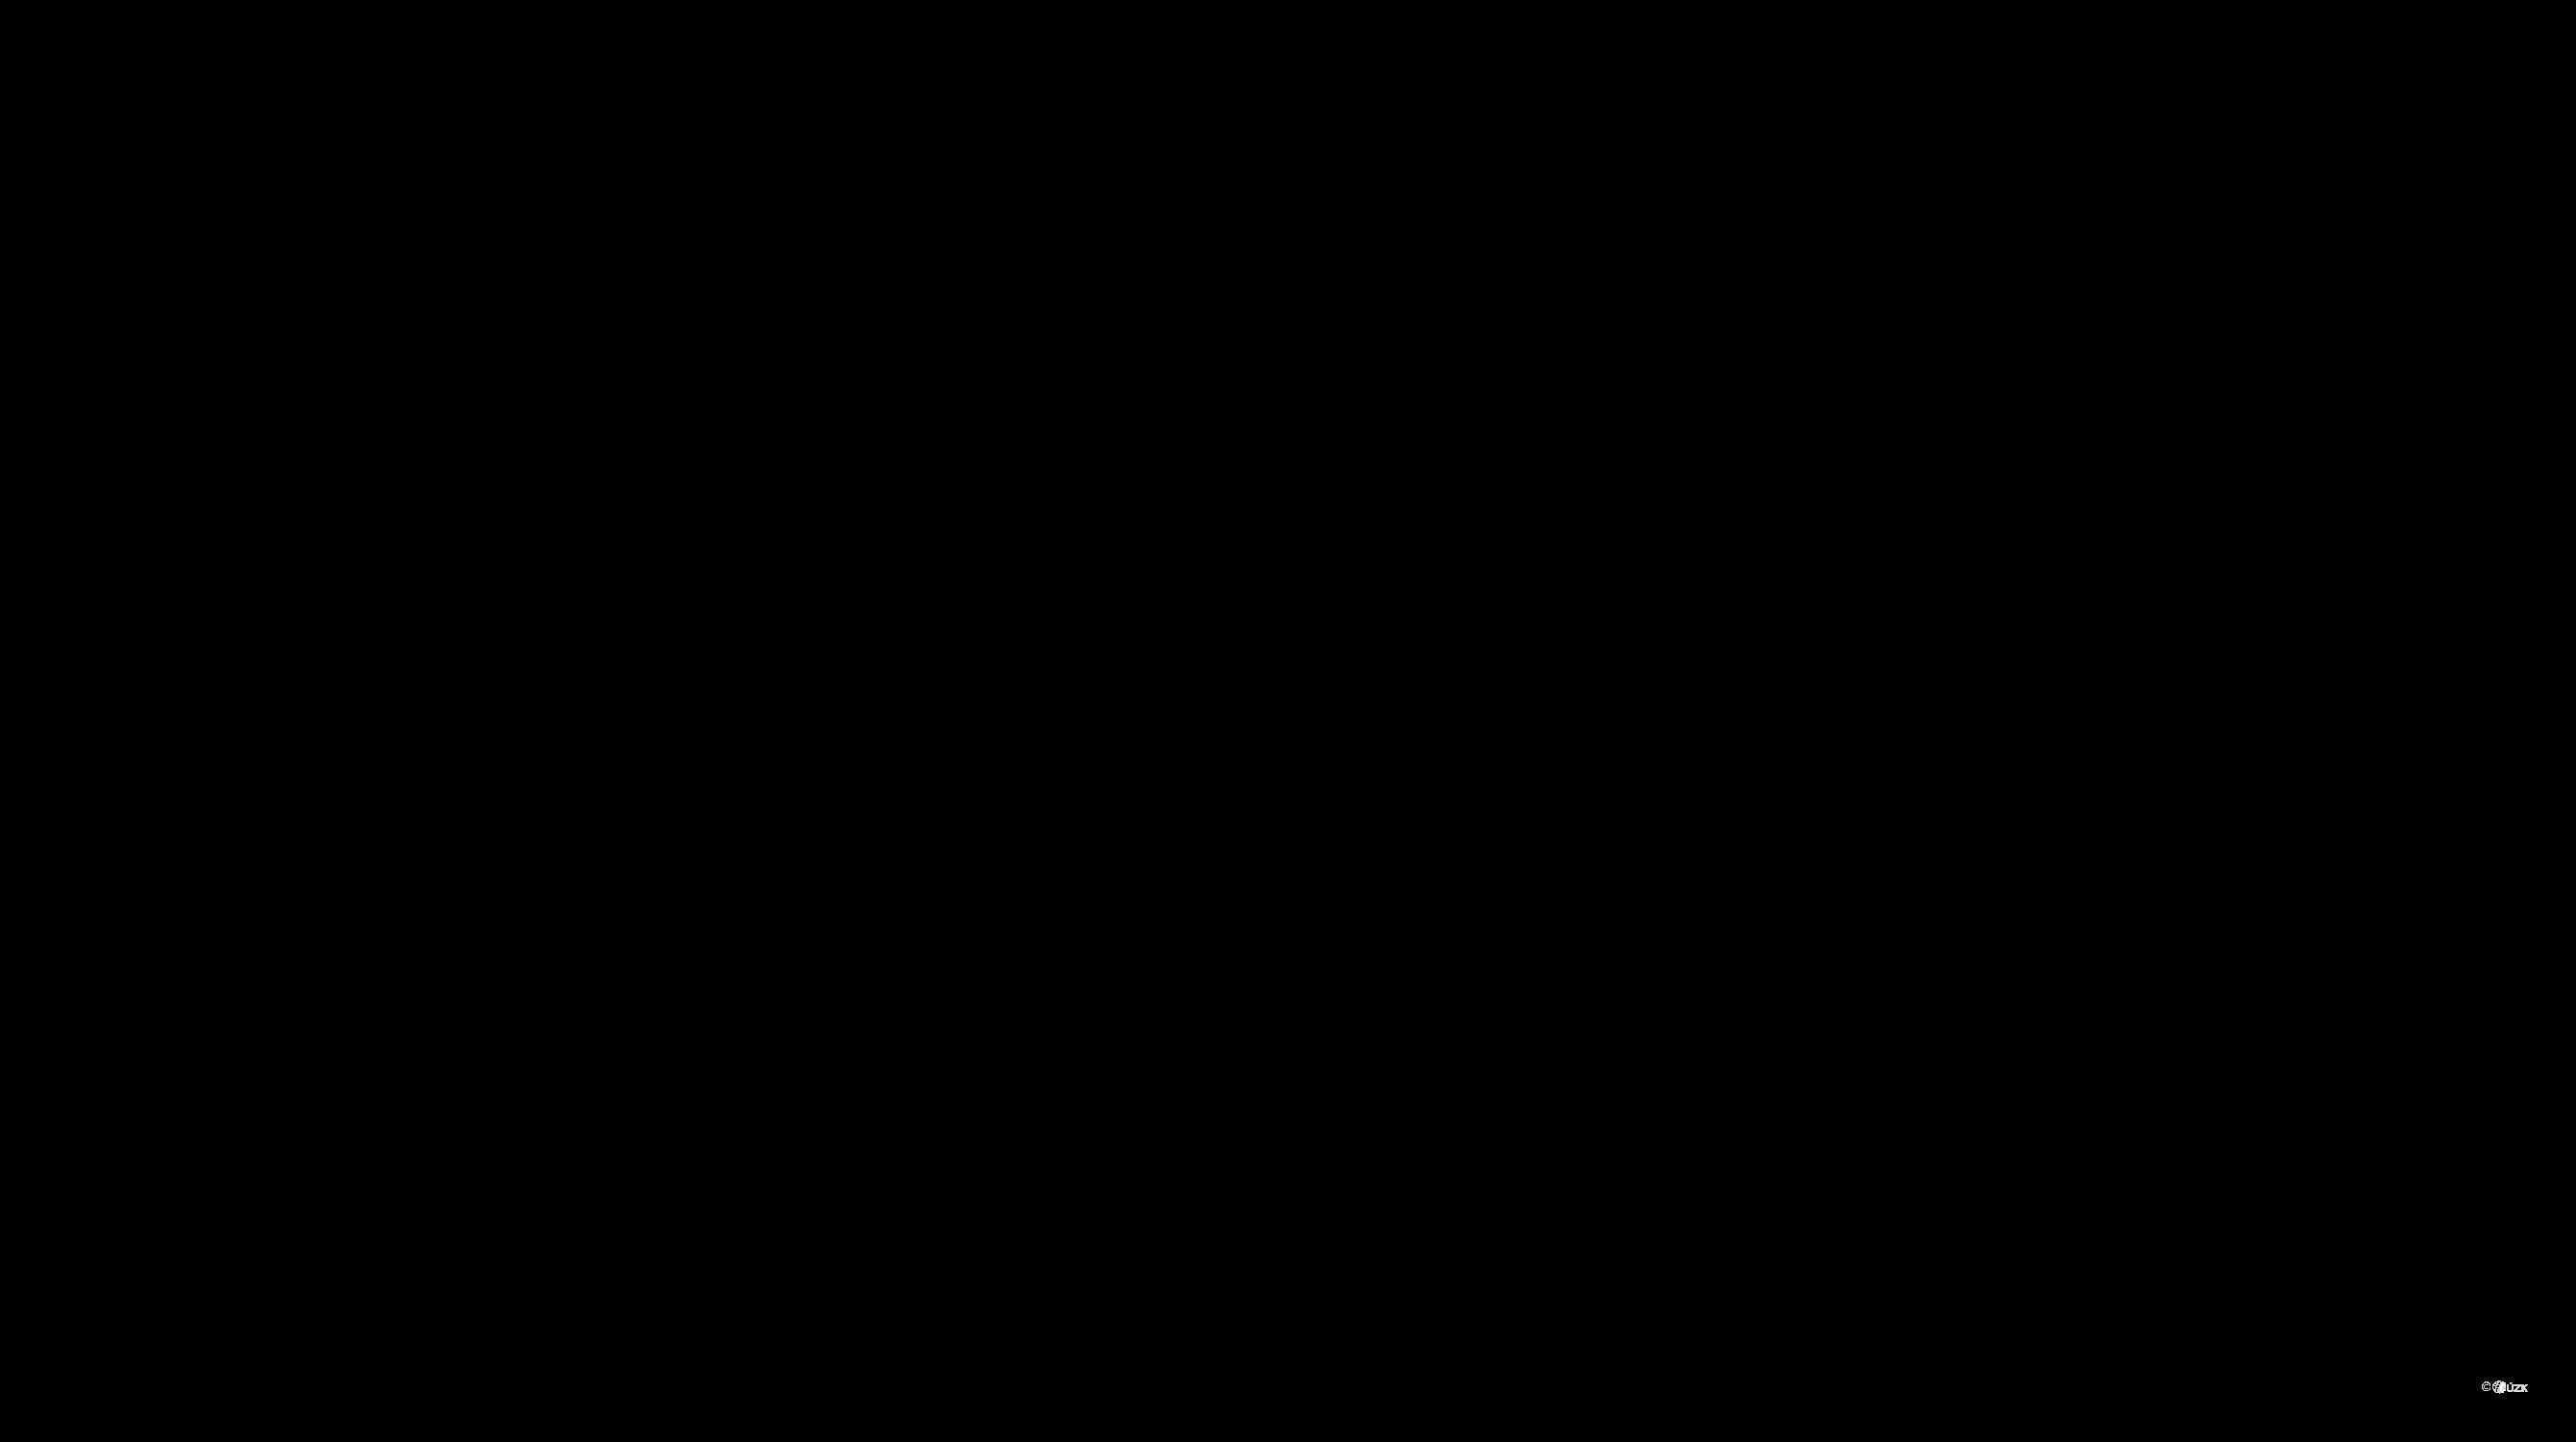 Katastrální mapa pozemků a čísla parcel Jiřín